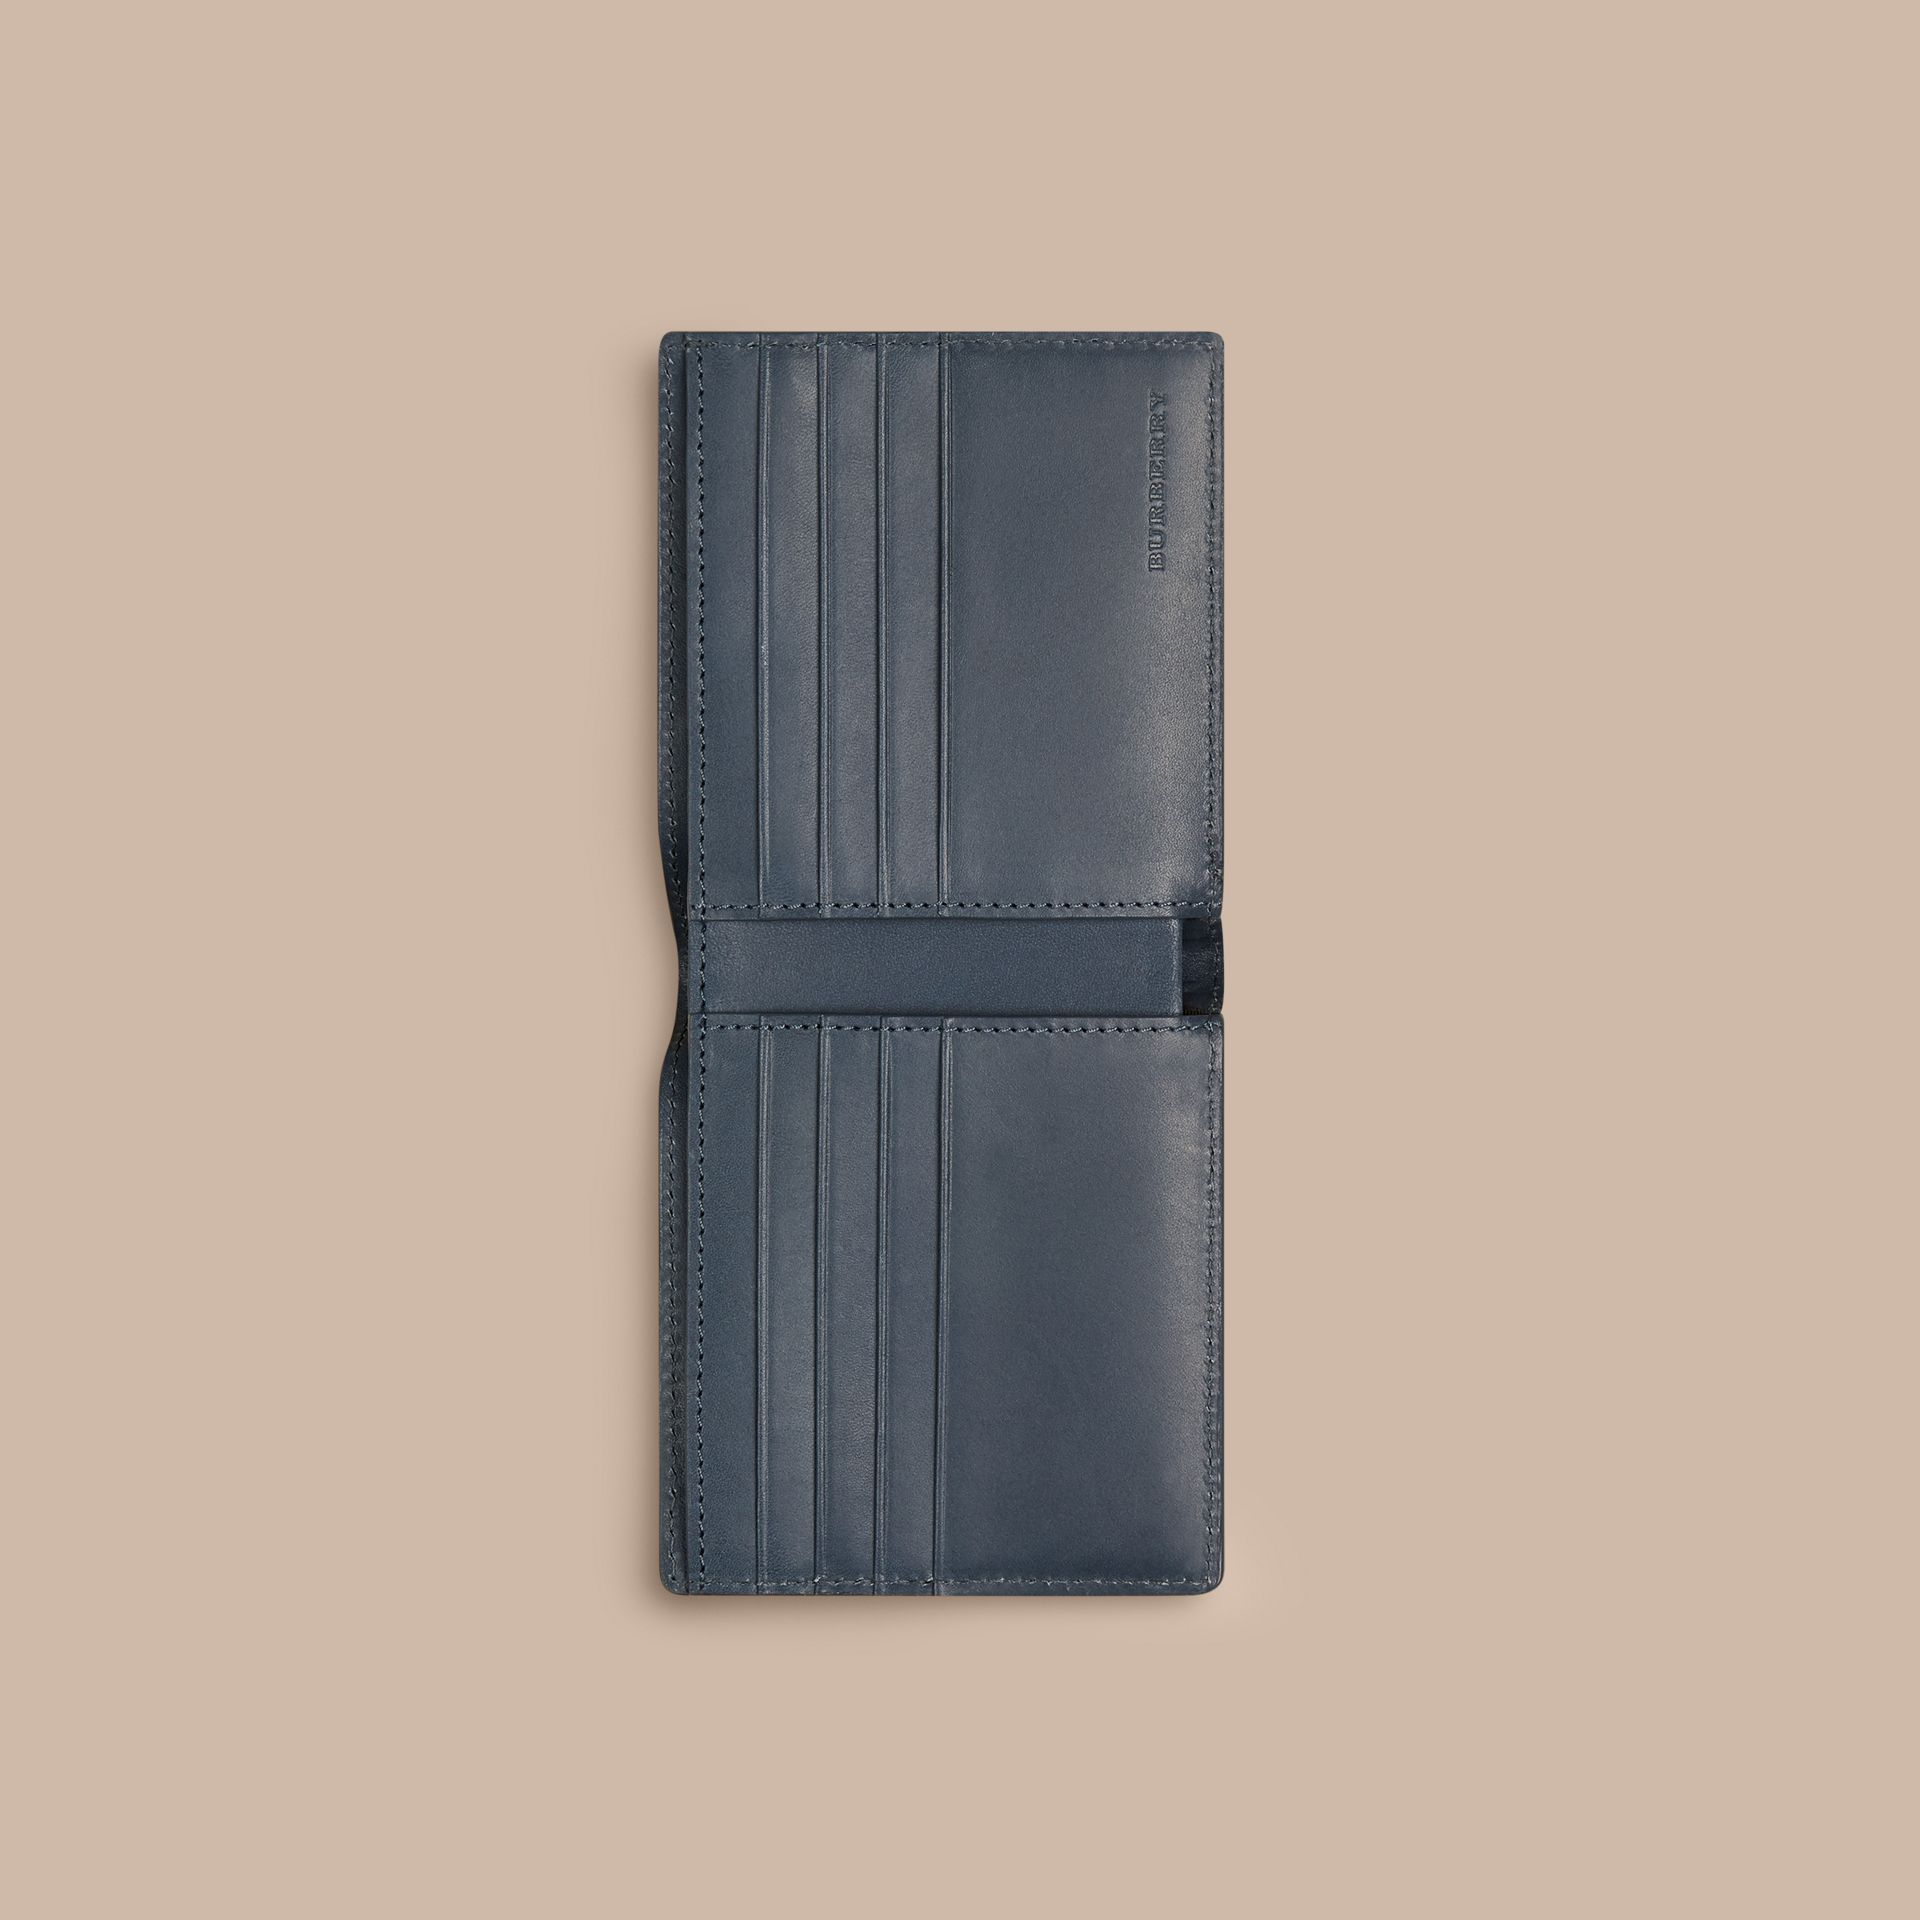 Steel blue Carteira dobrável de couro com estampa xadrez em relevo Steel Blue - galeria de imagens 4